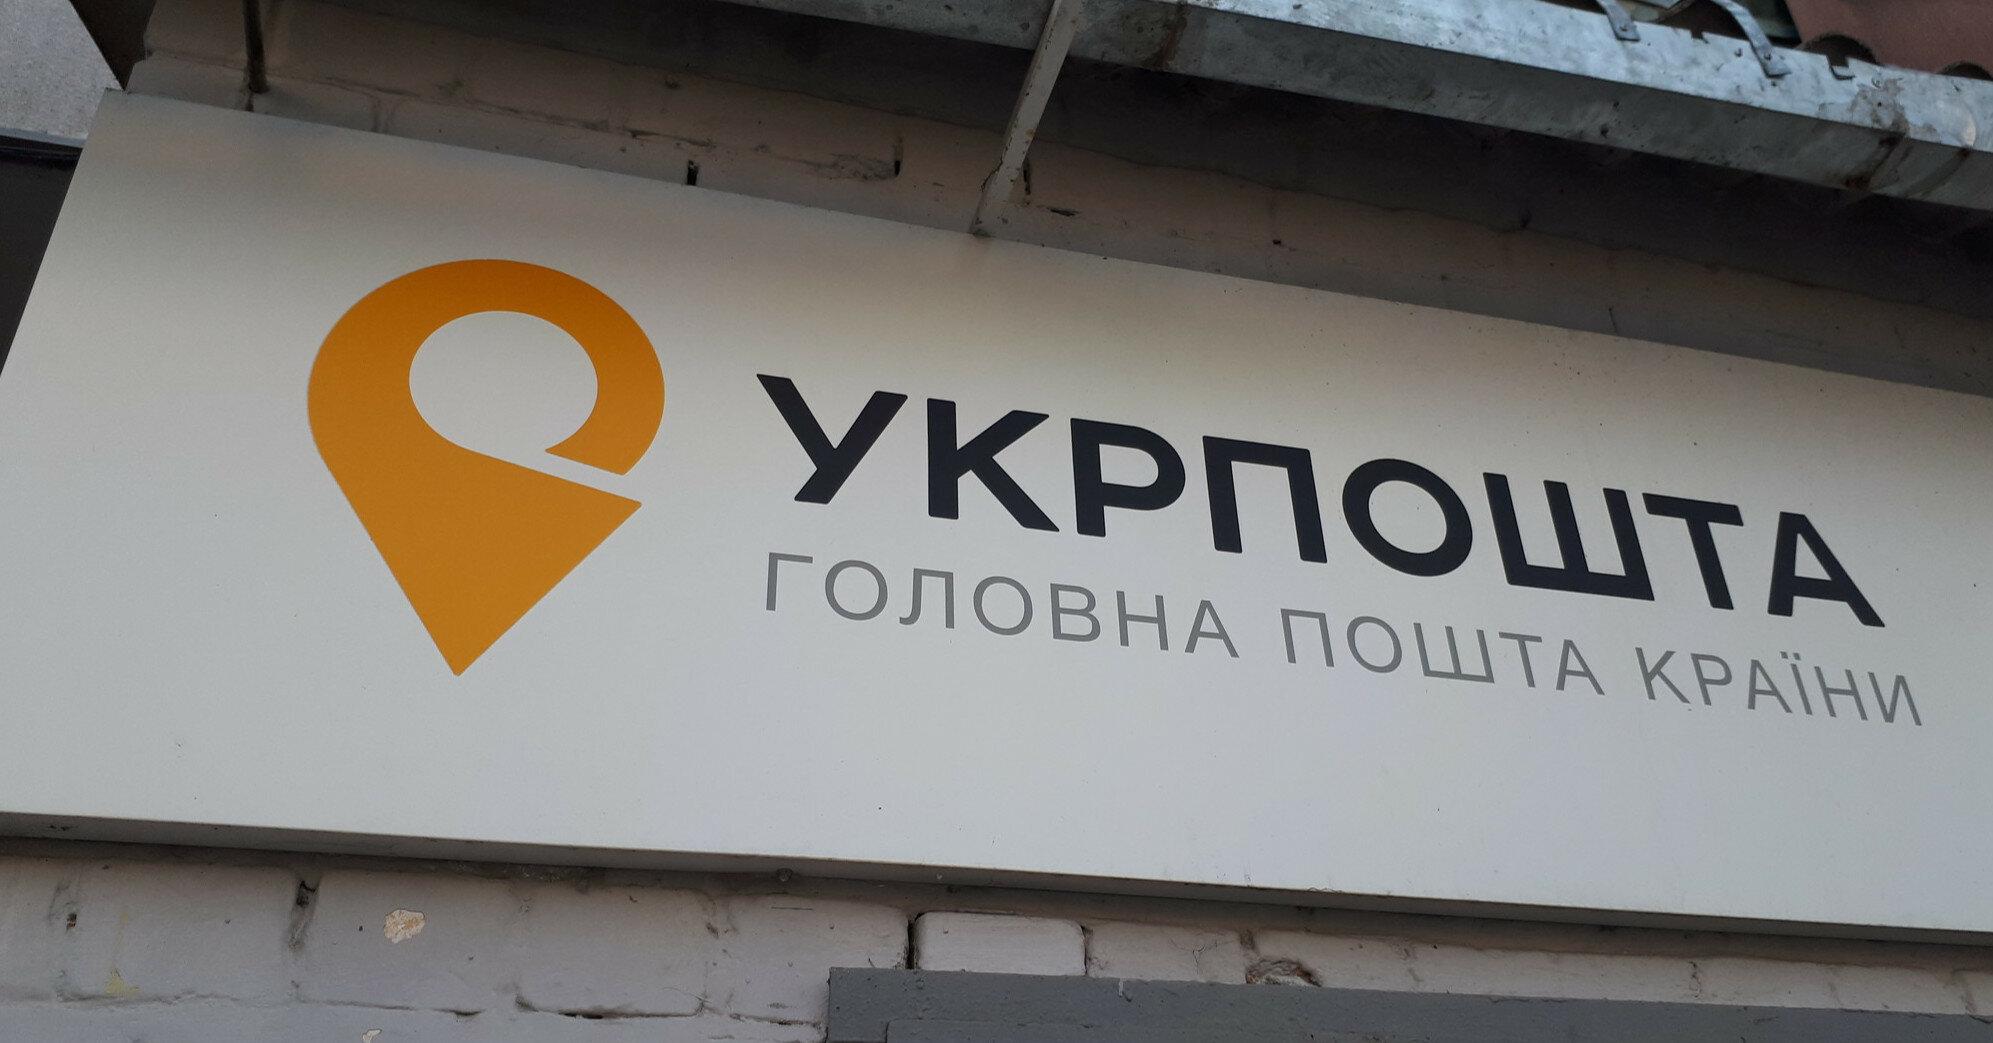 Набсовет Укрпошты продлил полномочия Смелянского